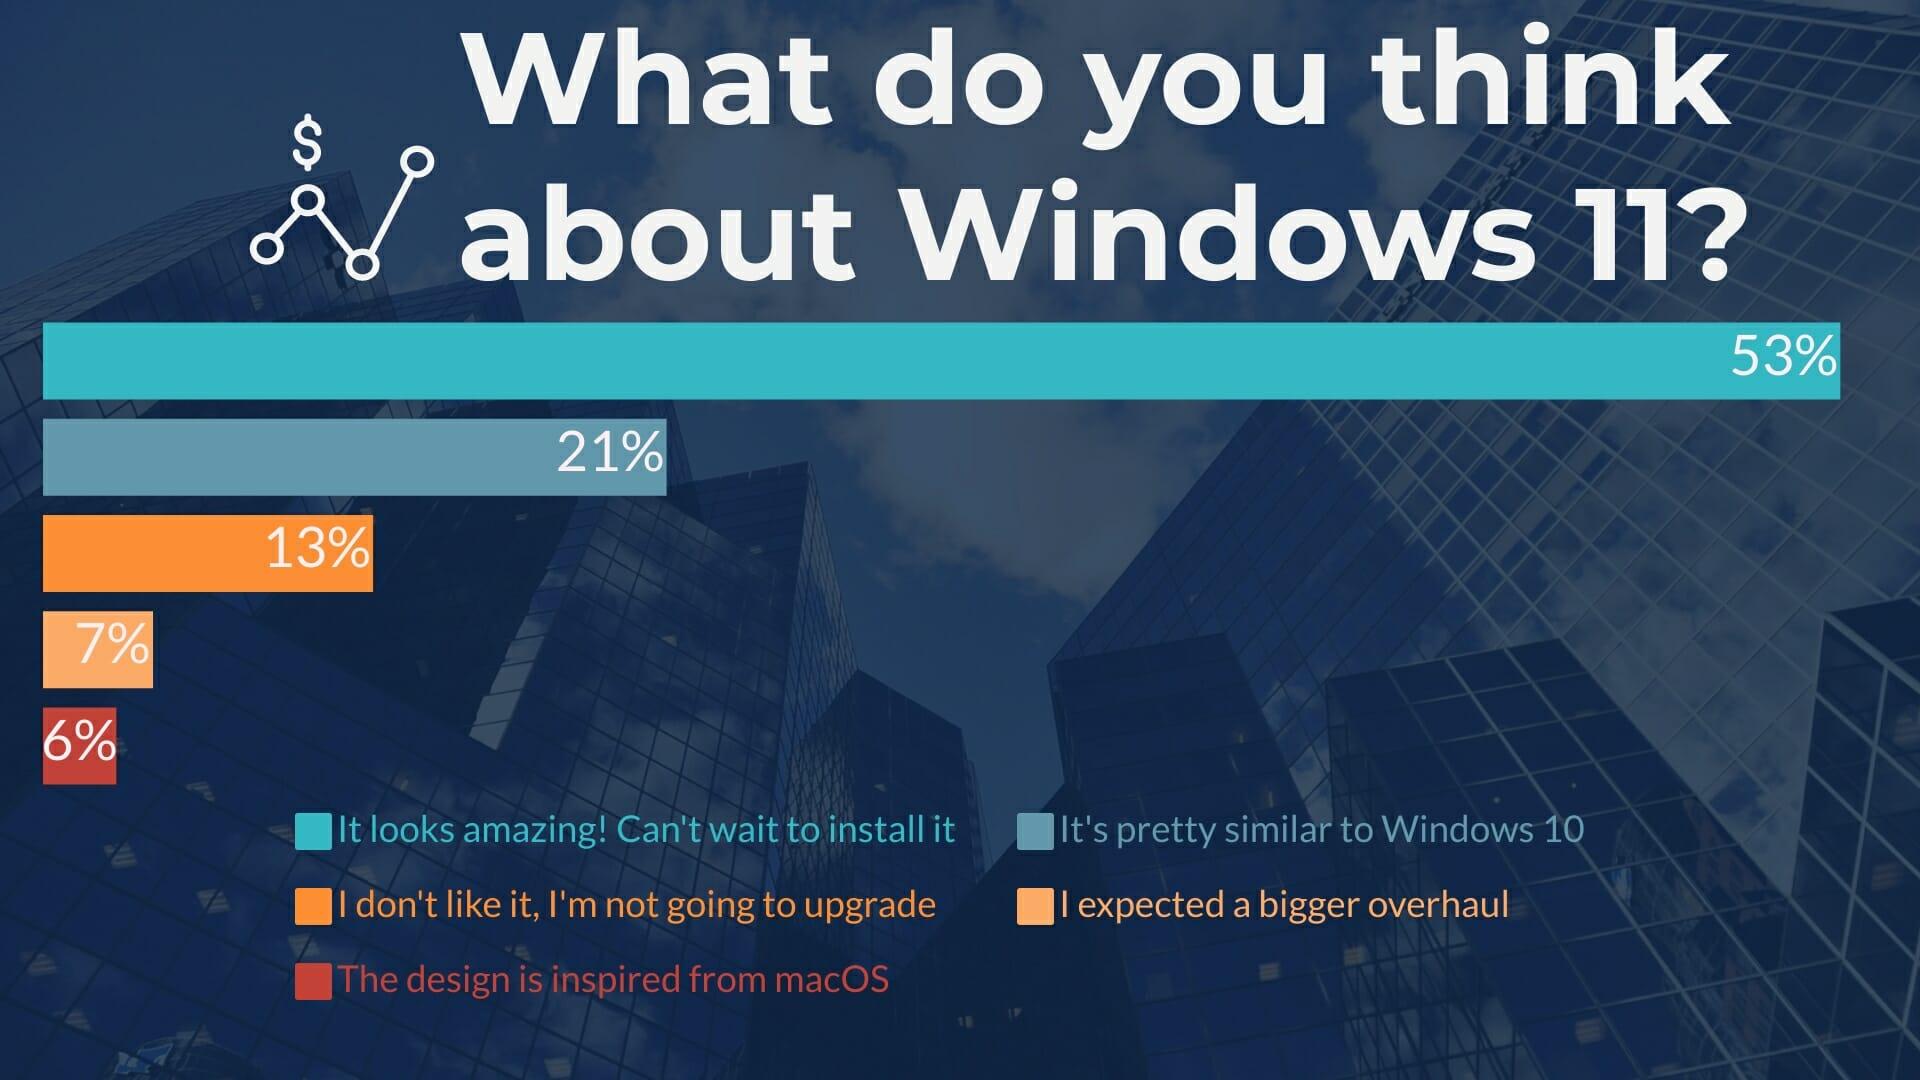 Anket Sonuçları, Windows 11'İn Şaşırtıcı Derecede Olumlu Karşılanacağını Gösteriyor 1